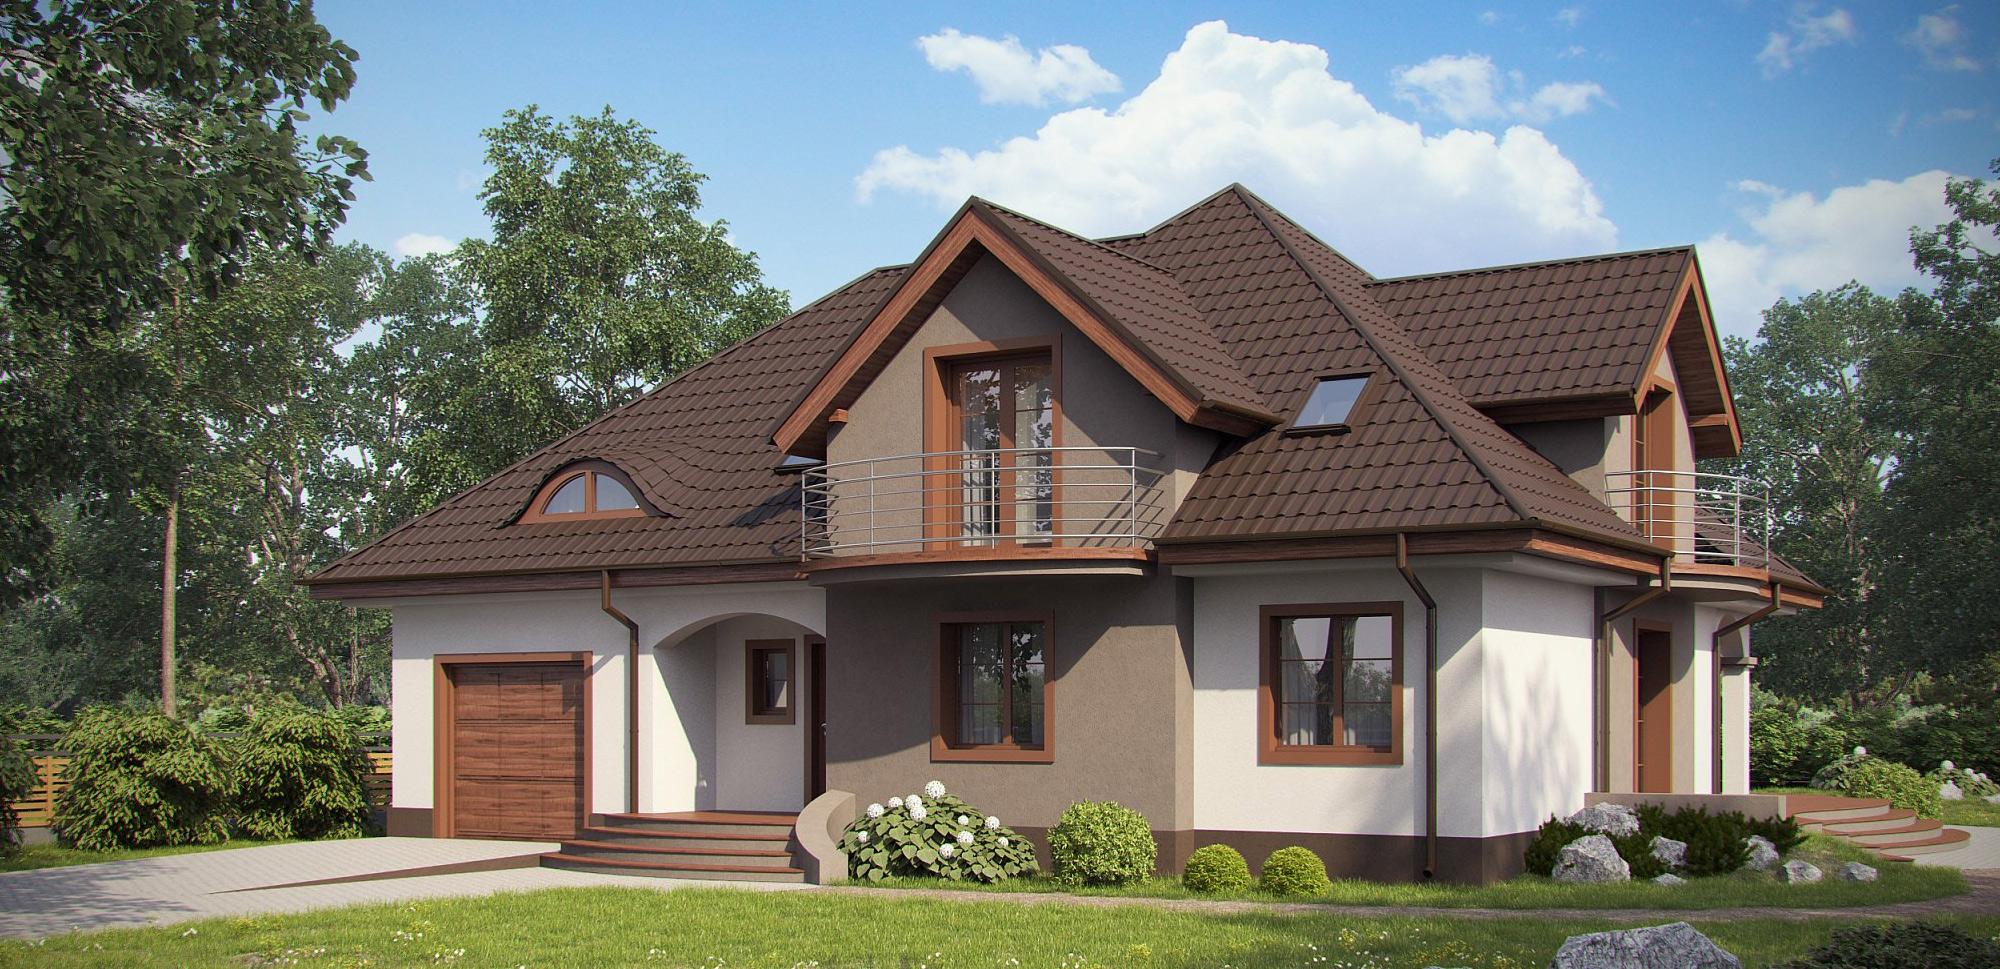 Thông thường, nếu có làm trần giả thì gia chủ sẽ tính 100% diện tích mặt sàn chéo theo mái nhà